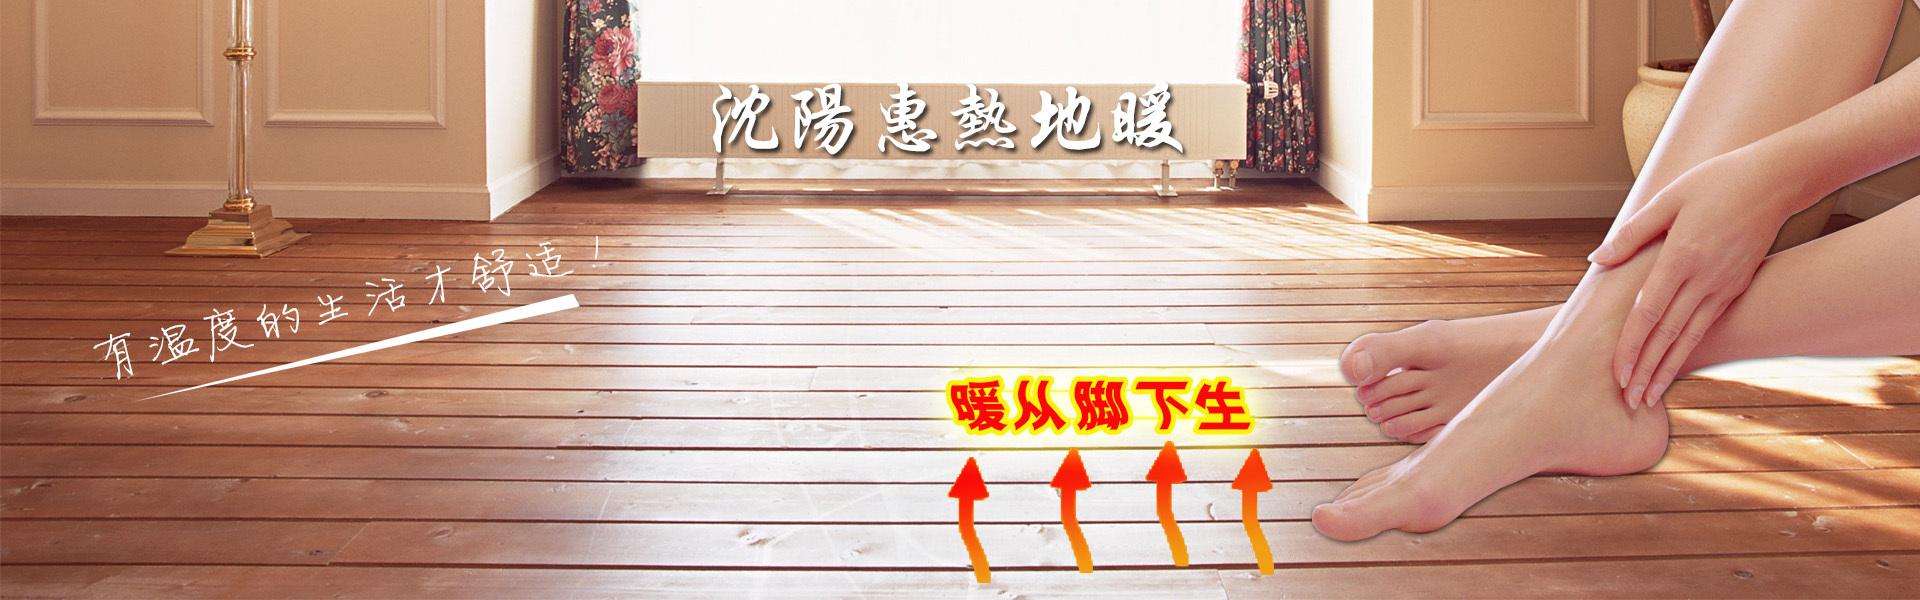 沈阳电地暖 沈阳电地热 抚顺碳纤维电地热 抚顺碳纤维电地暖 沈阳地暖工程安装